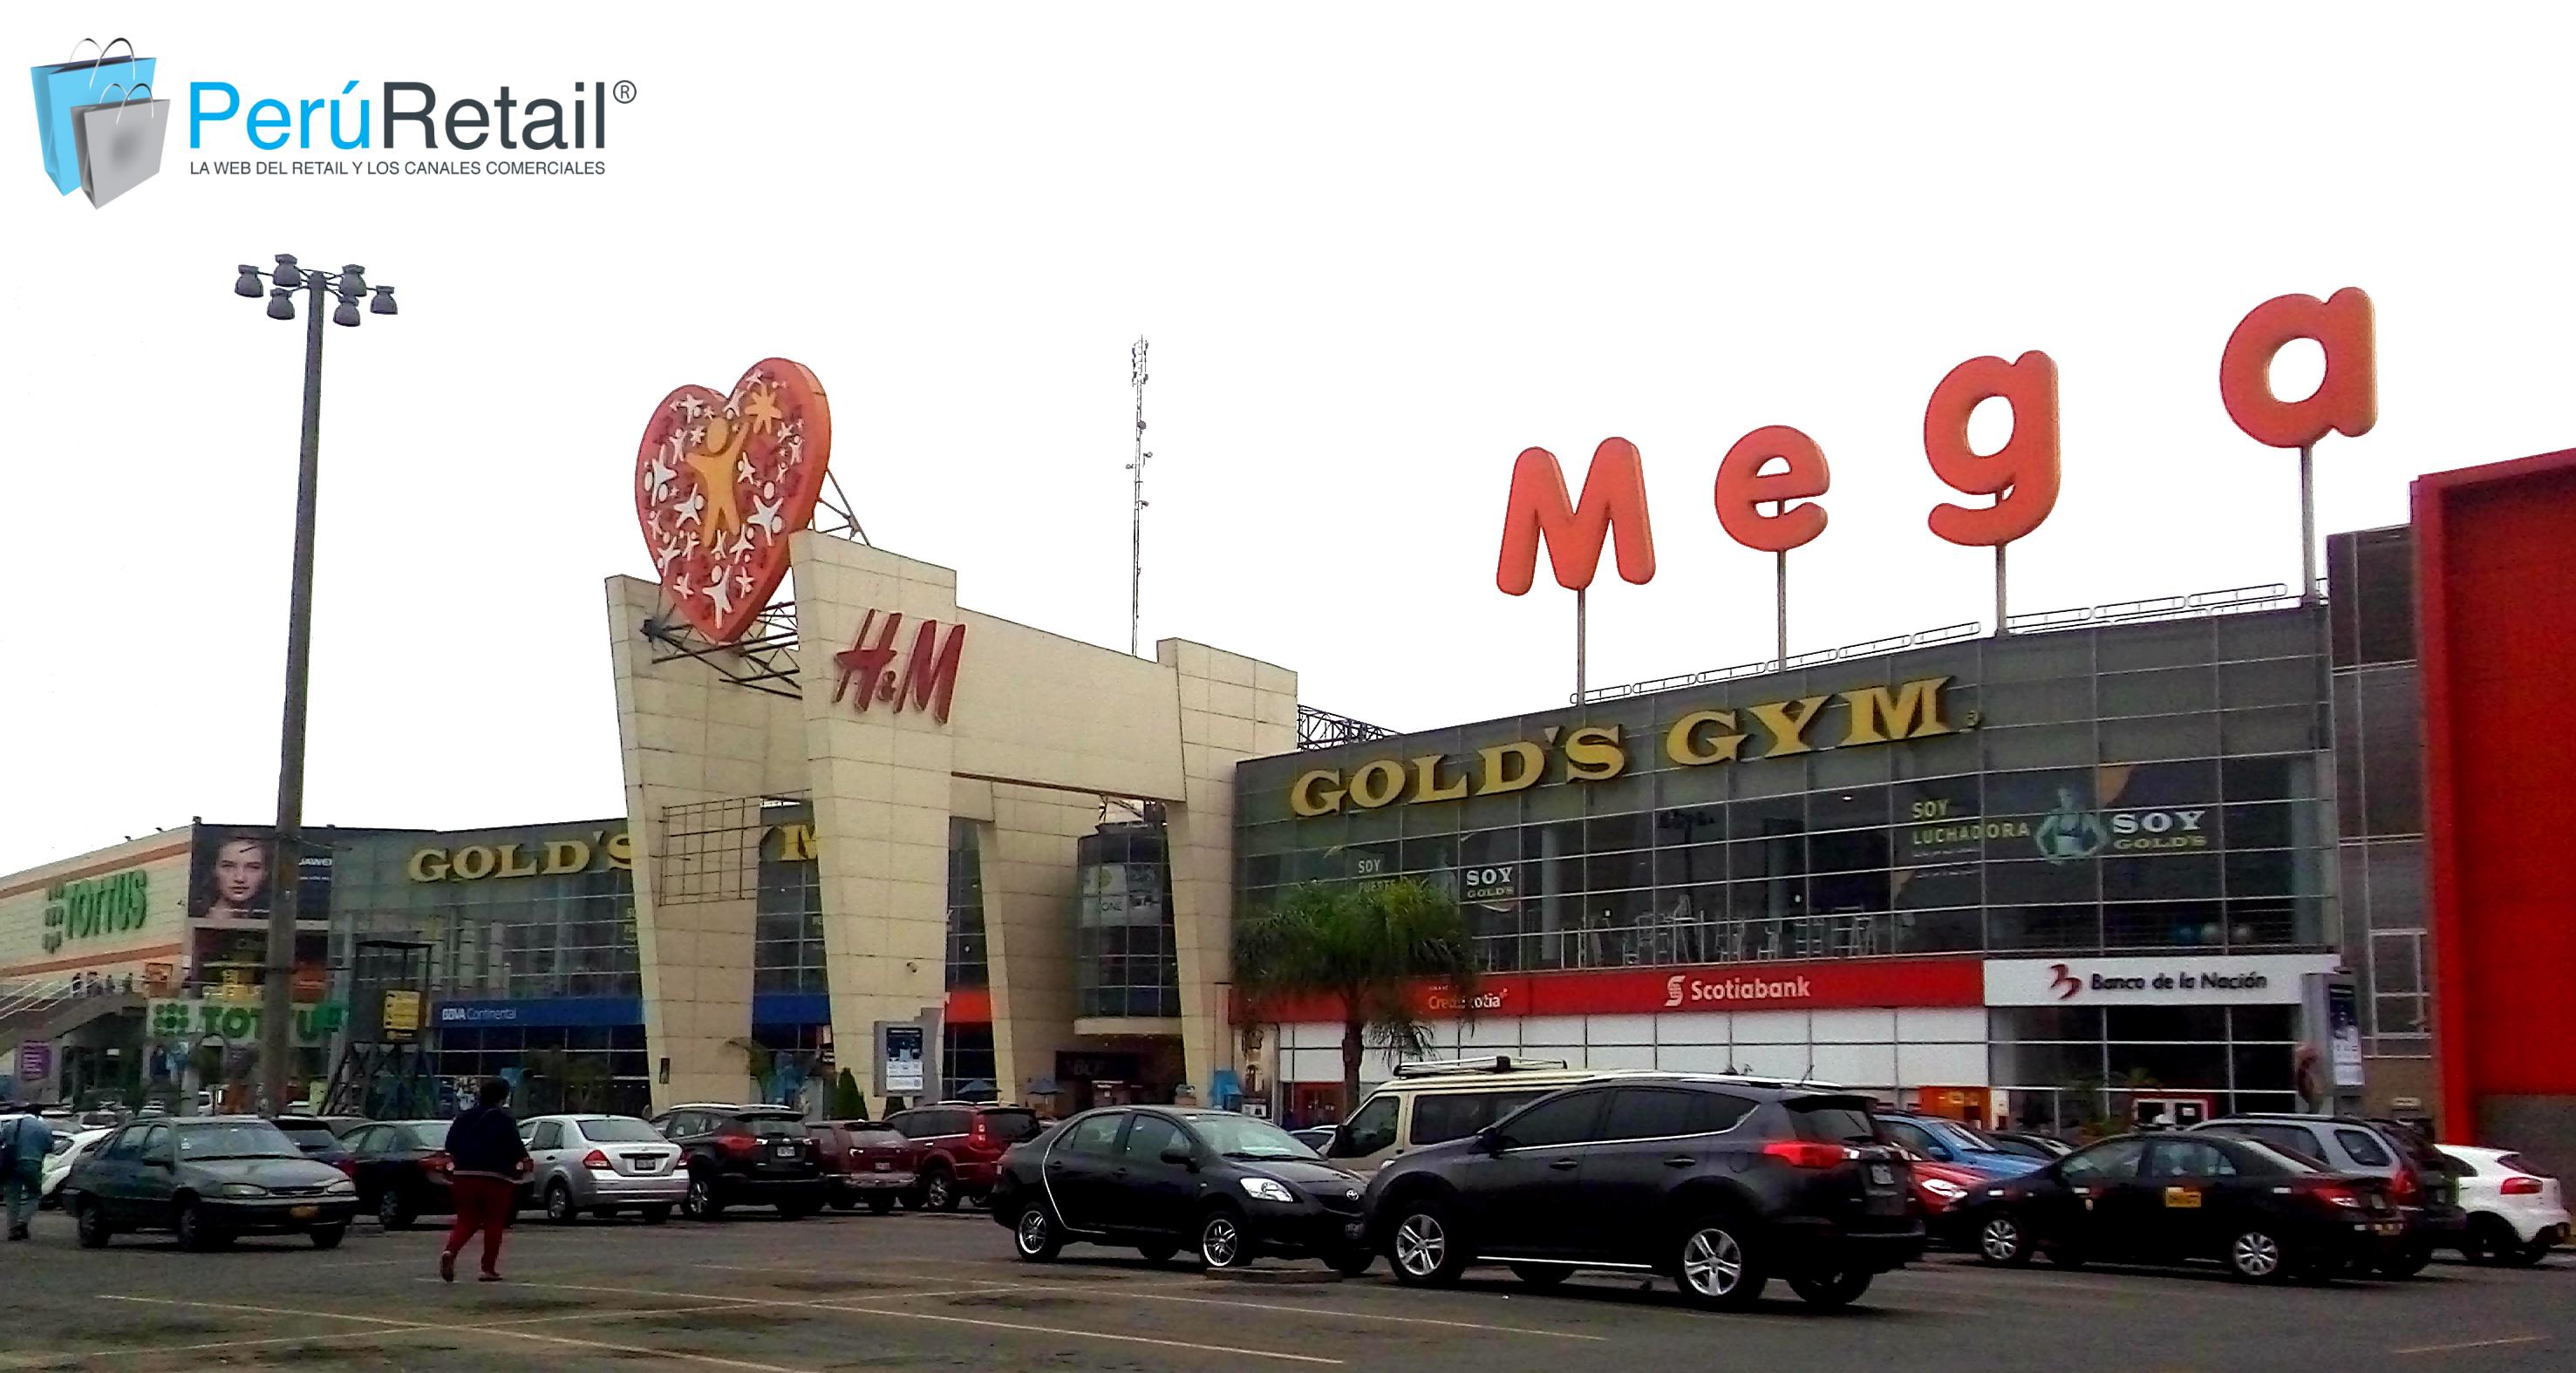 MegaPlaza entrada peru retail - MegaPlaza facturaría S/ 2,500 millones de soles este año